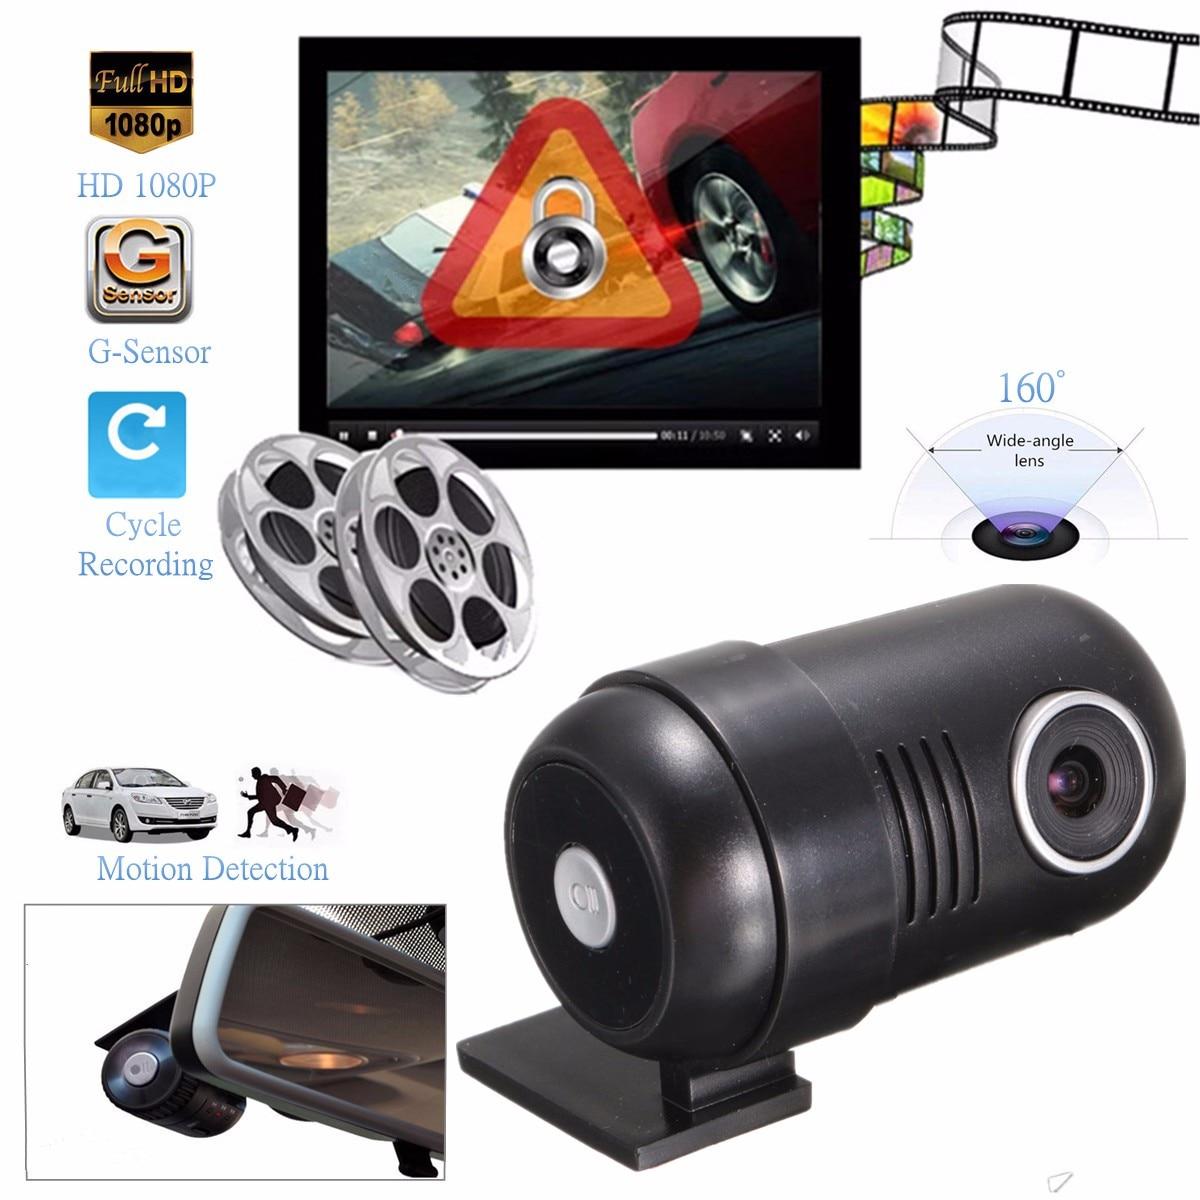 Full HD 1080 P Mini voiture DVR caméra conduite enregistreur vidéo Dash Cam pour Android registrateur g-sensor caméscope Vision nocturne